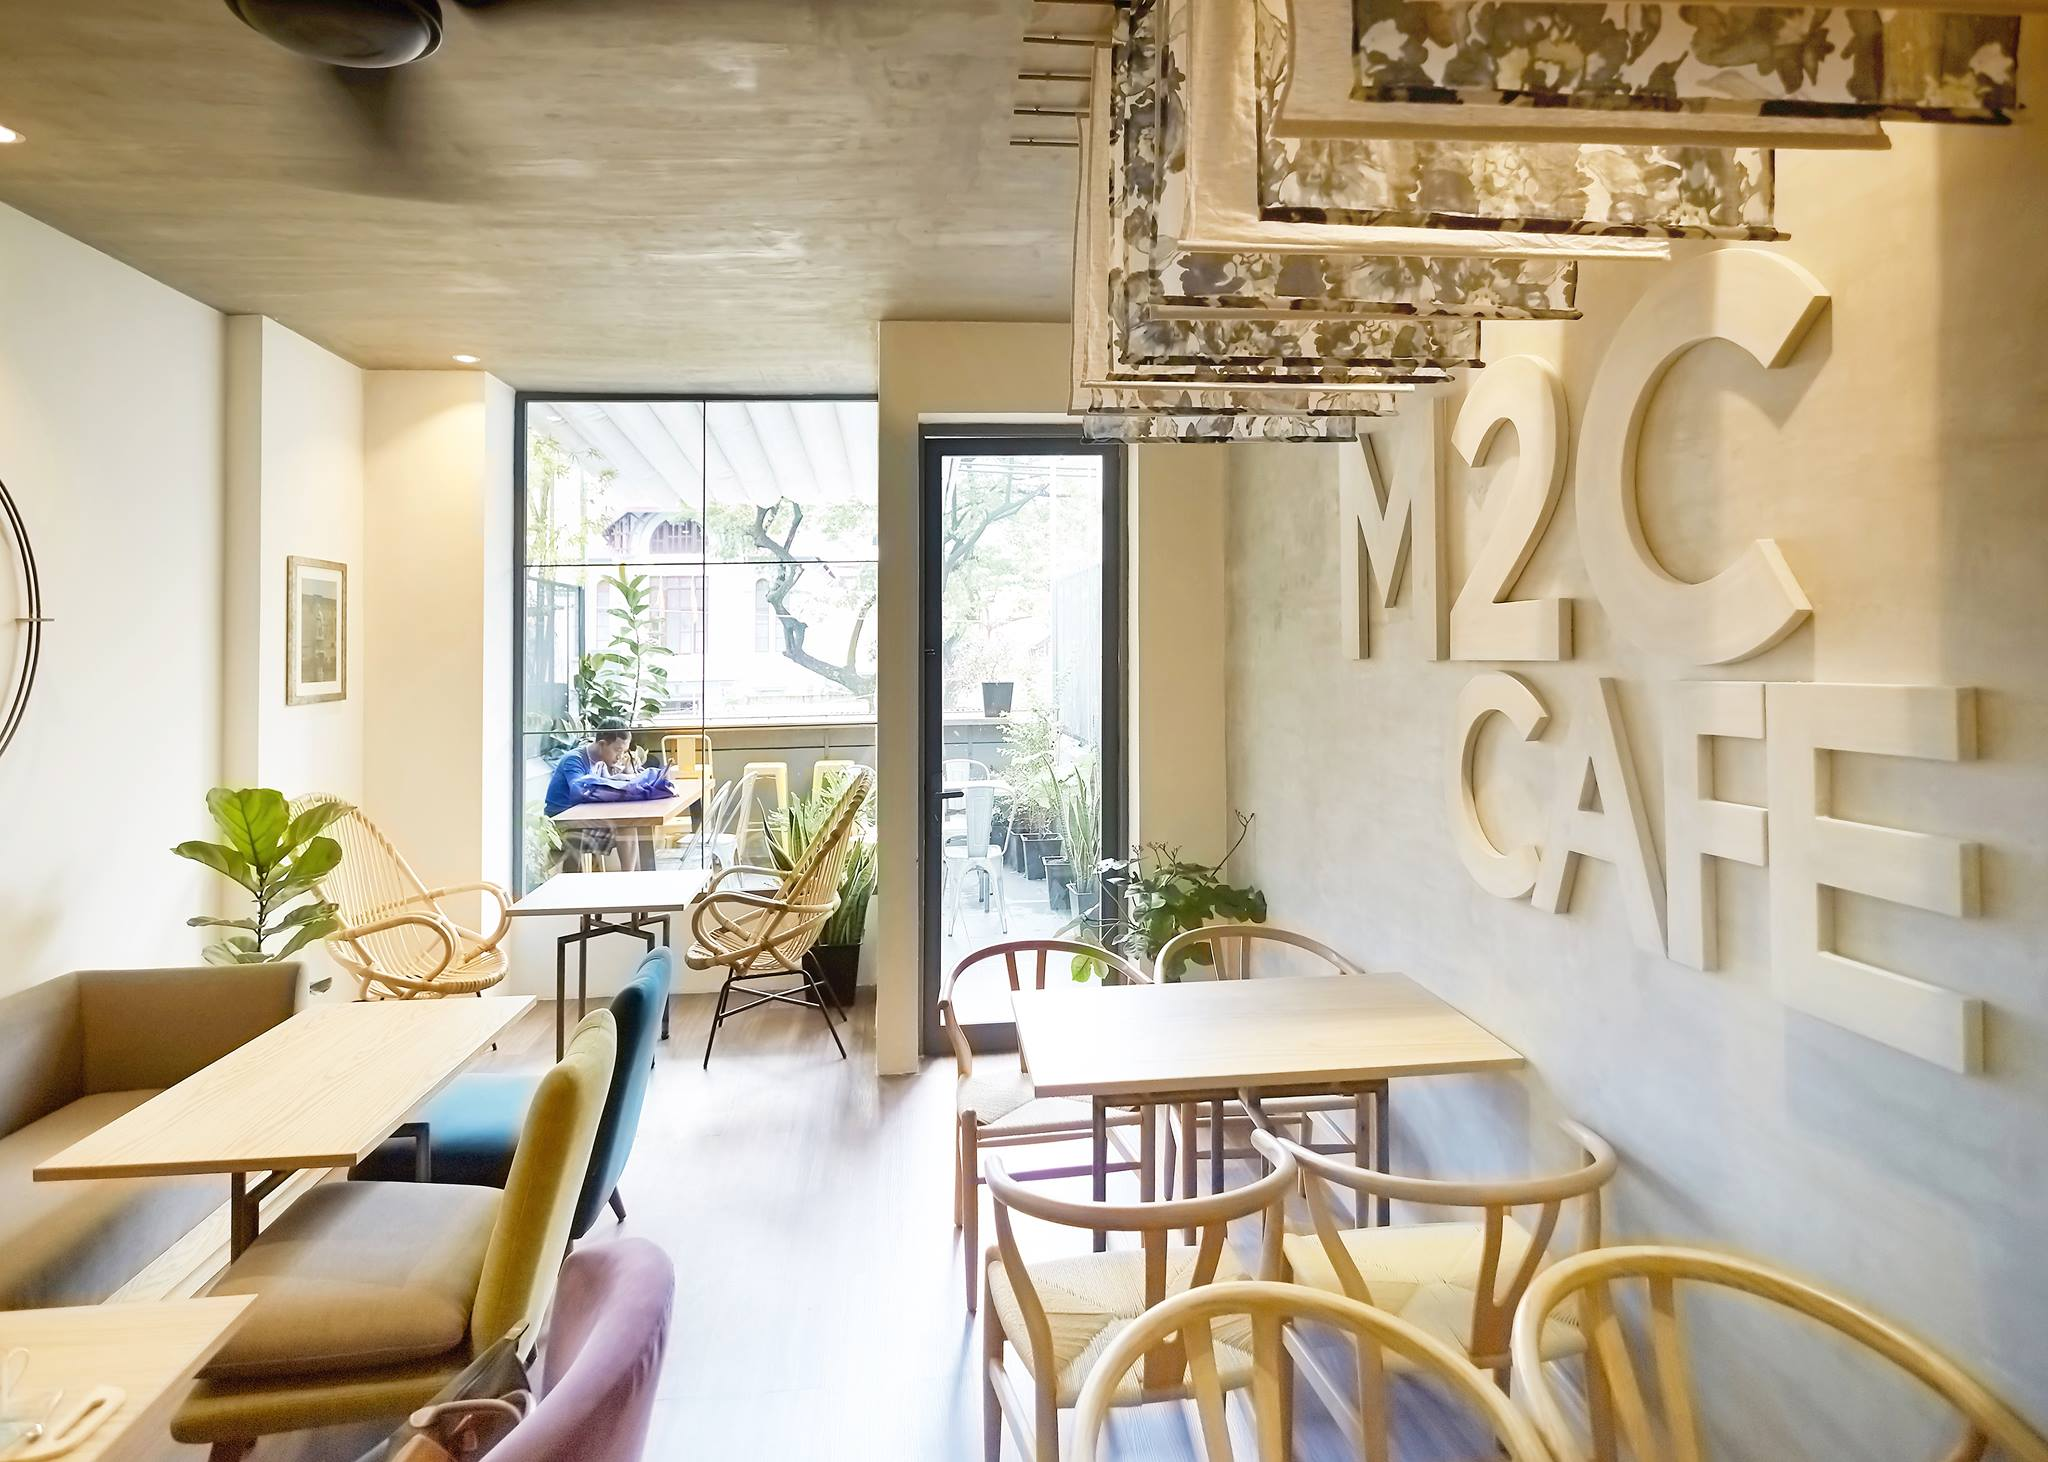 m2c cafe